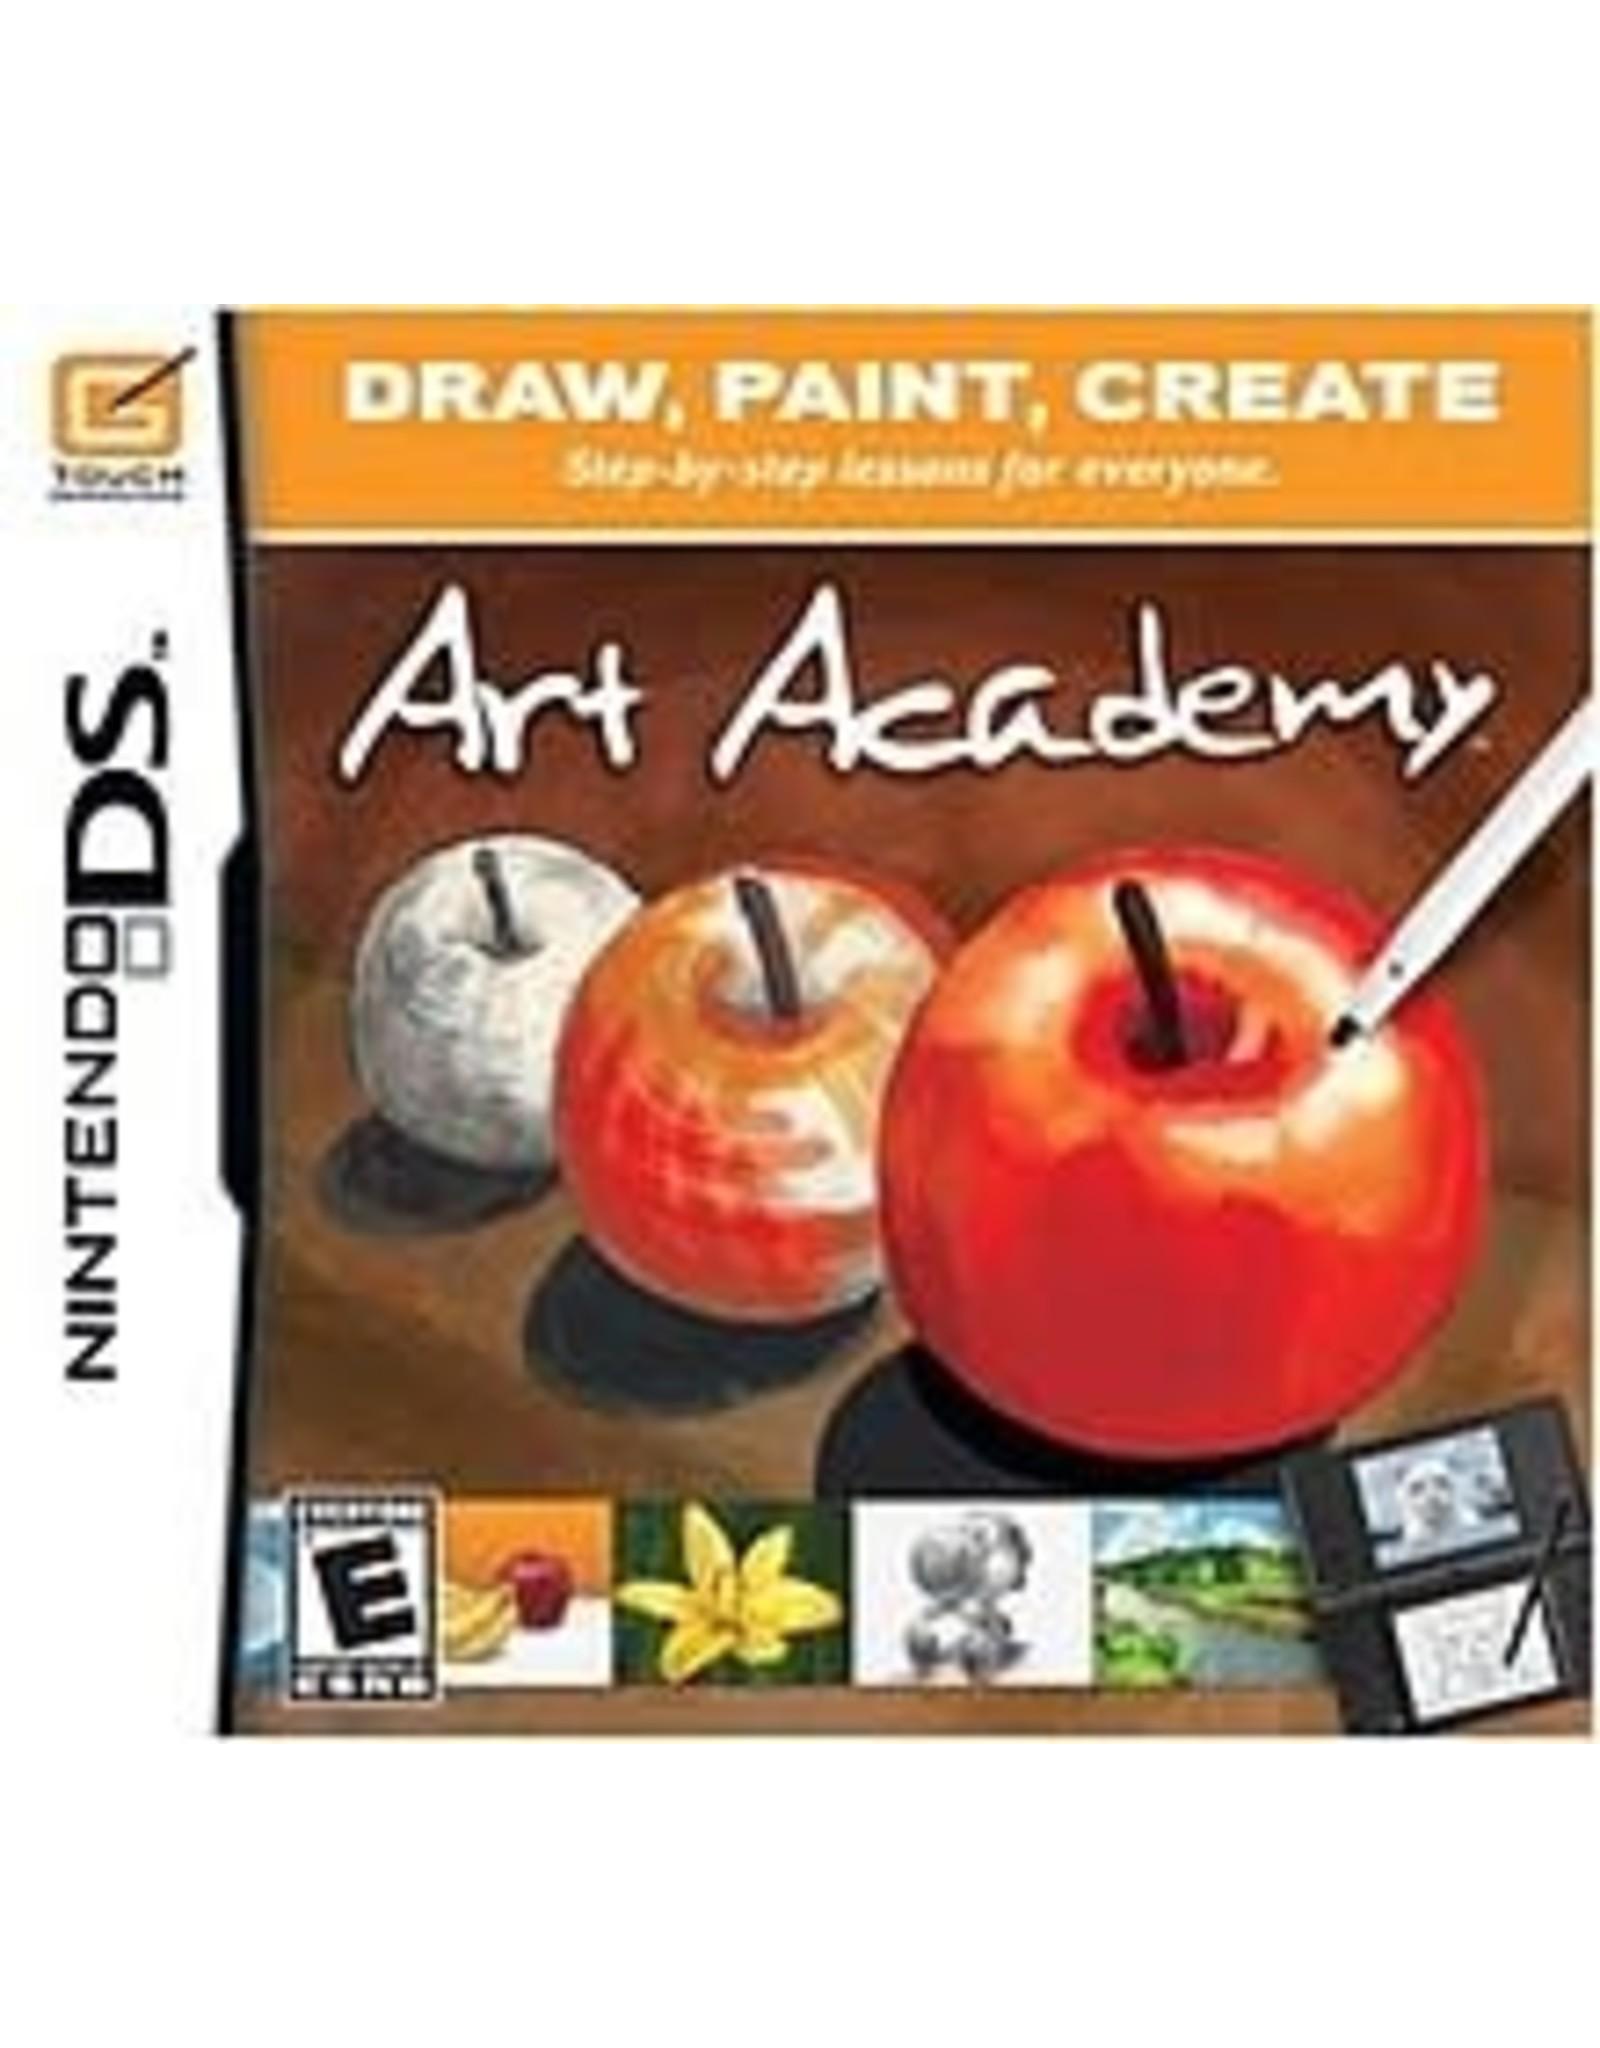 Nintendo DS Art Academy (Cart Only)